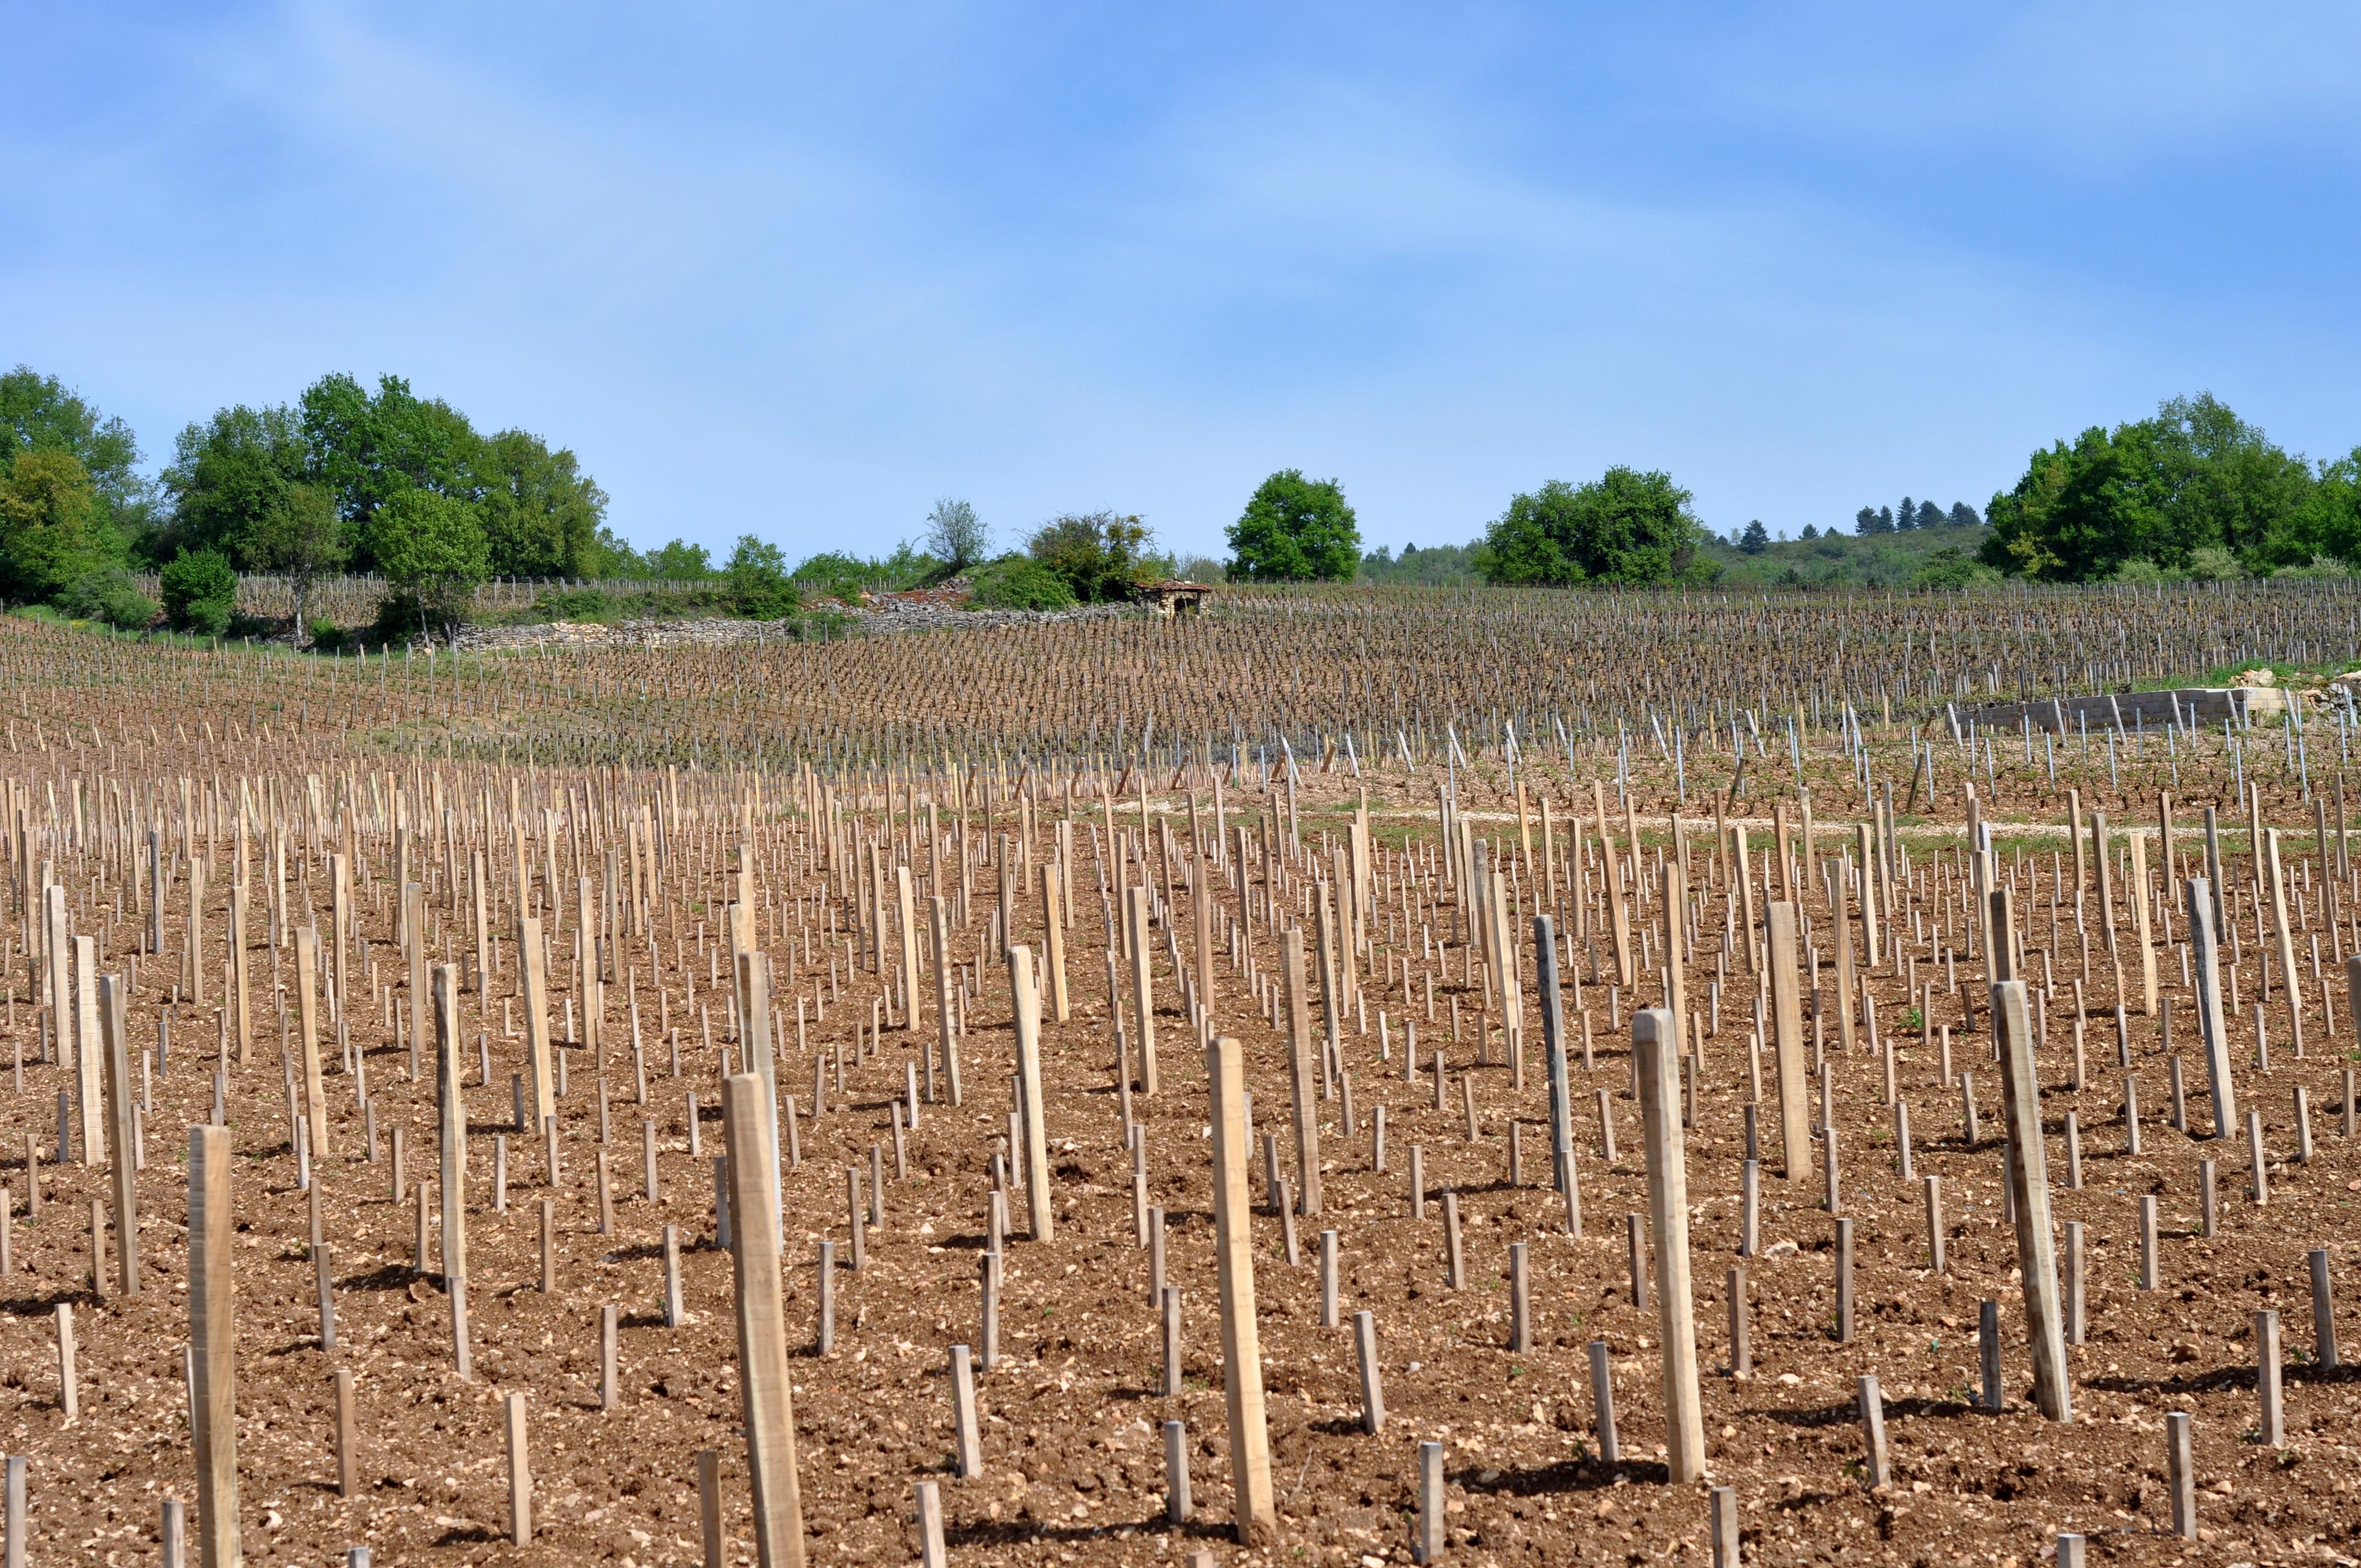 En Bourgogne, les champs de piquets sont signes de vie